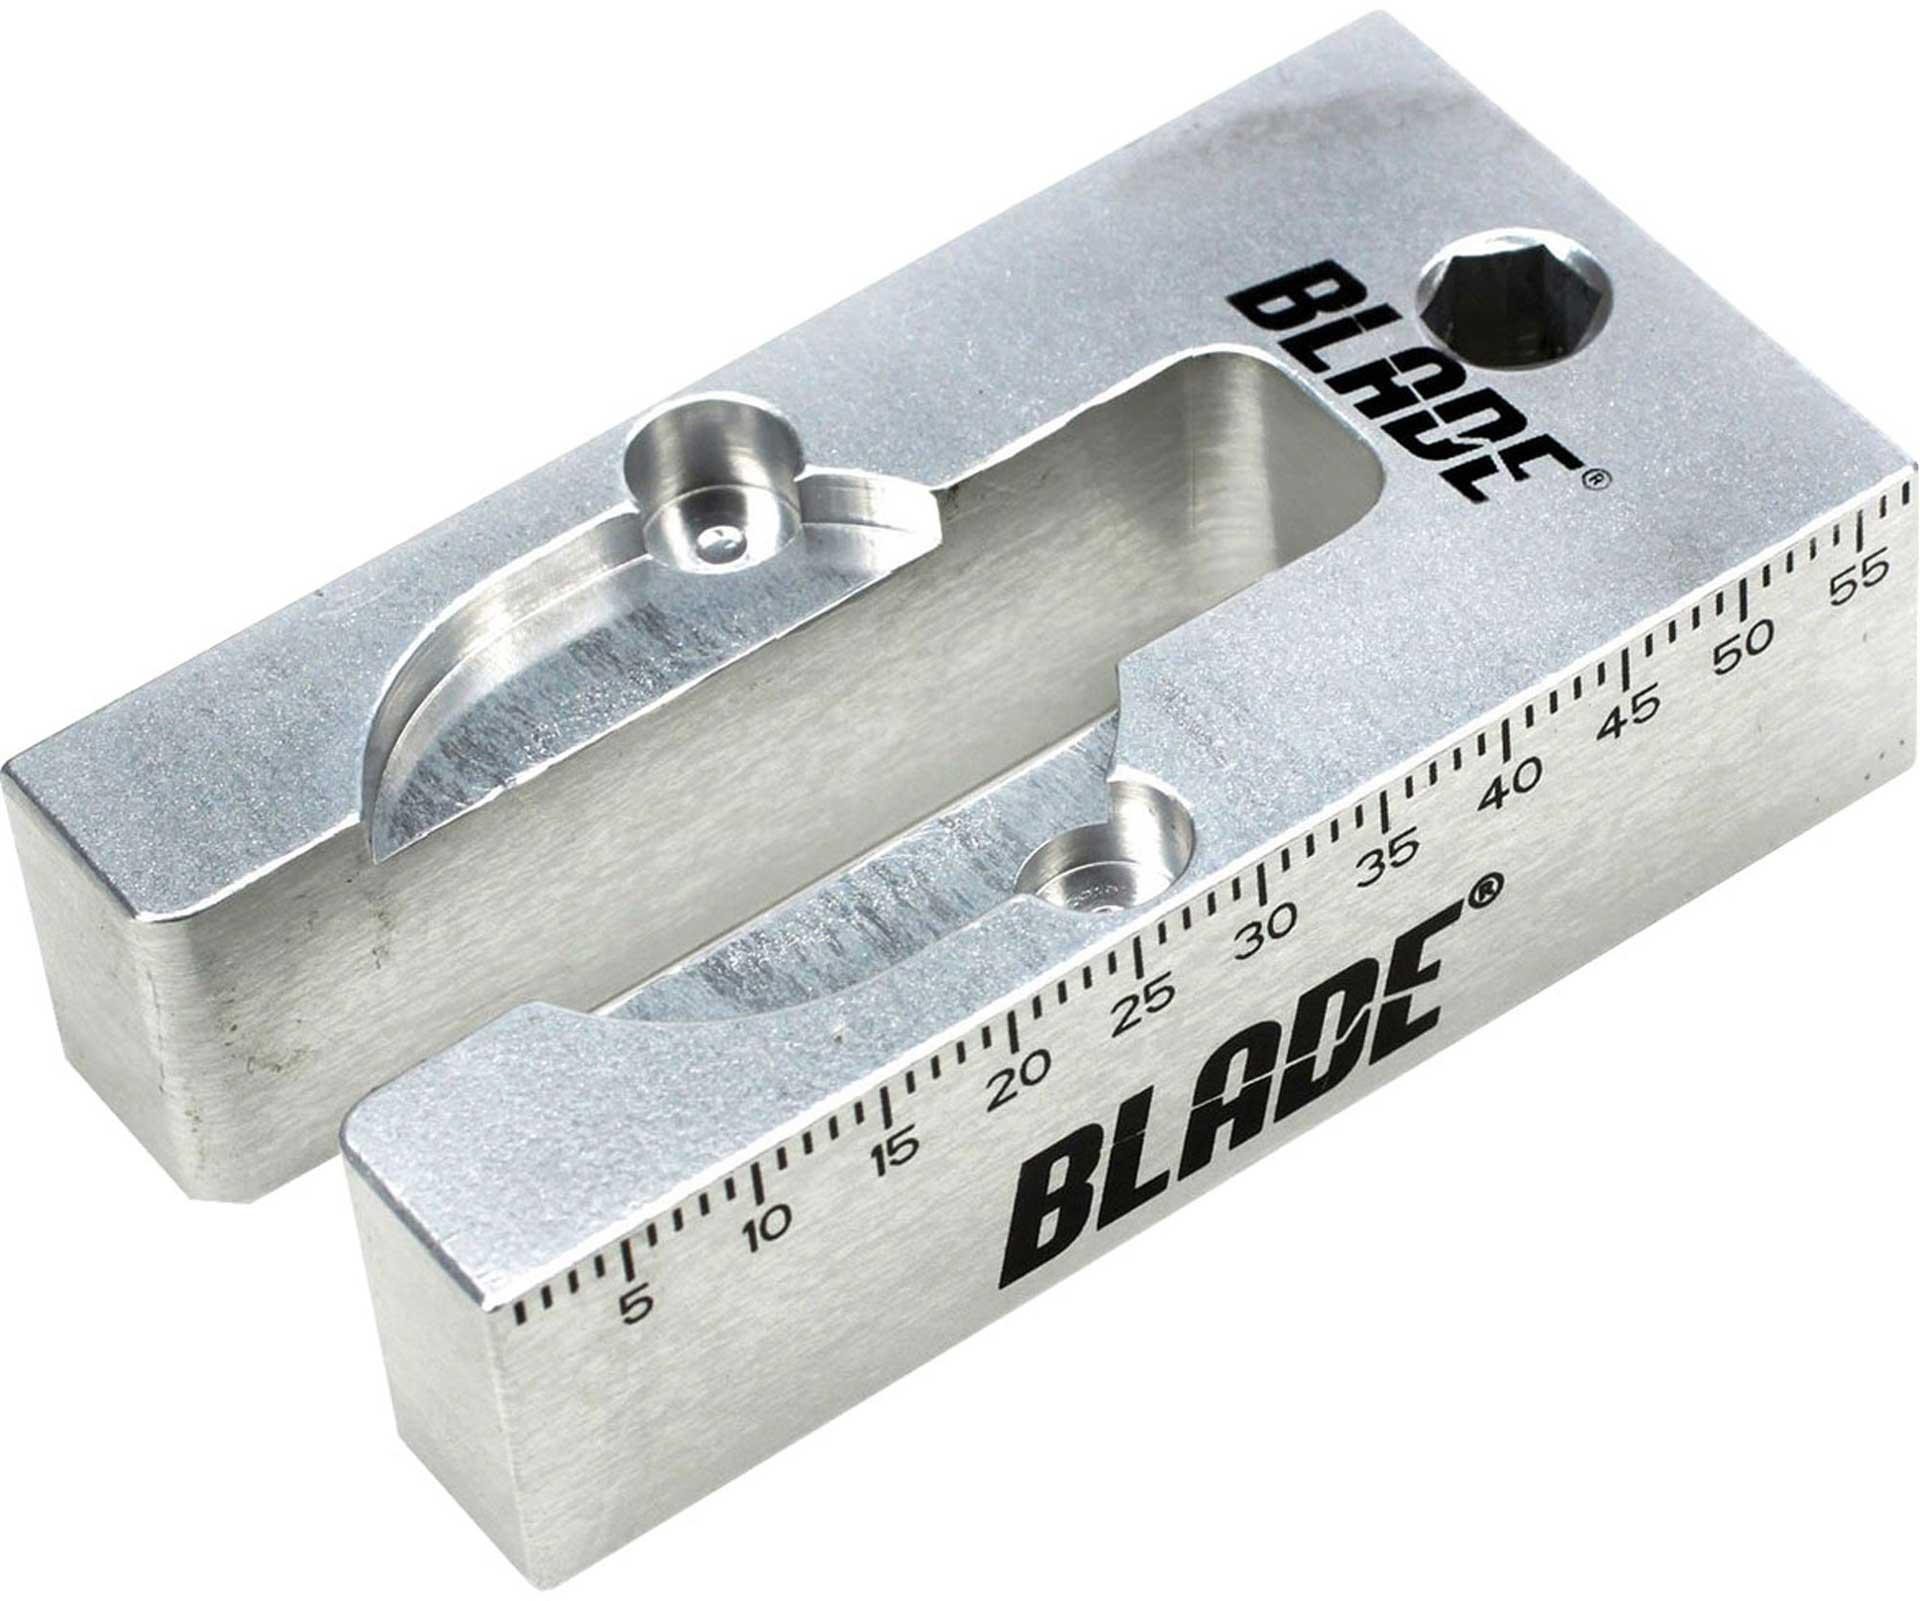 BLADE (E-FLITE) SWASHPLATE  ADJUSTMENT GAUGE   BLADE 450